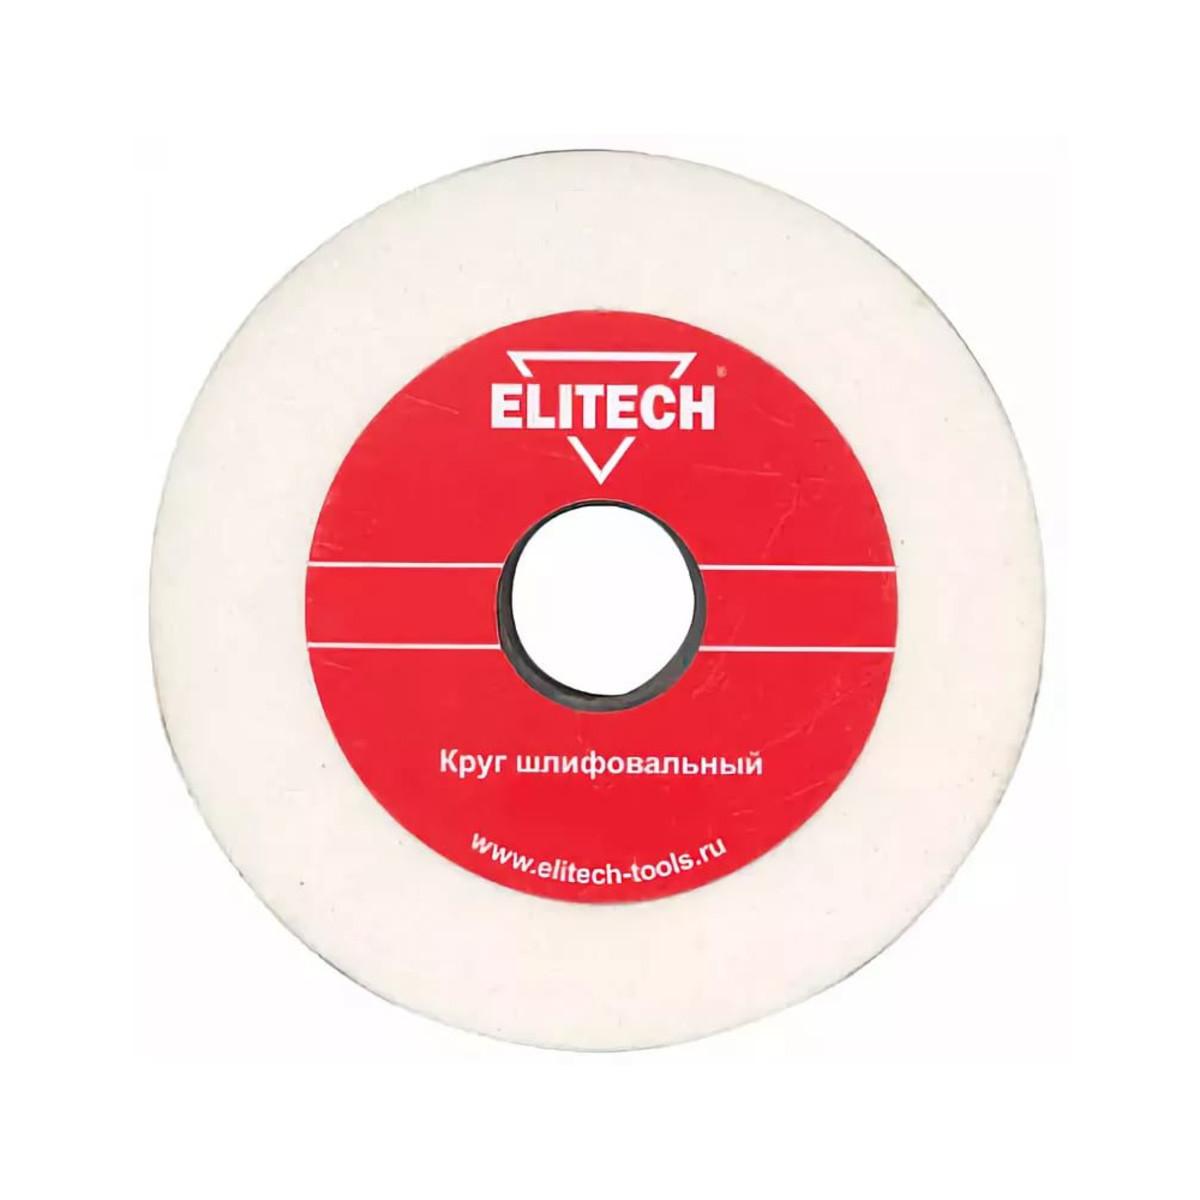 Диск Алмазный Elitech 150Х20Х32 11100017